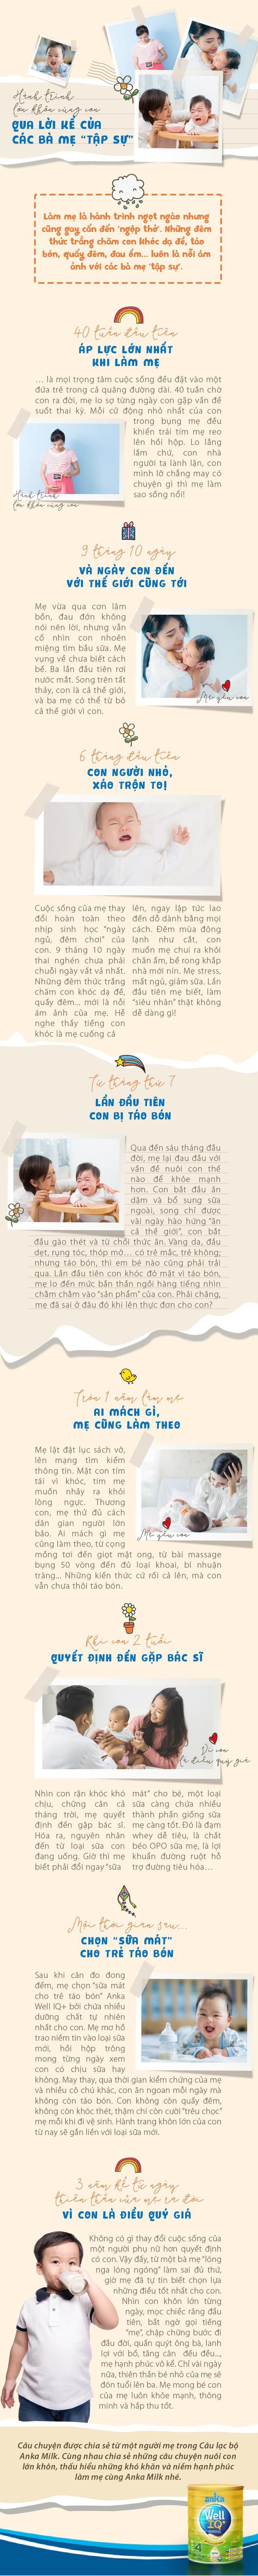 Nhiều trái ngọt, nhưng cũng trăm nỗi khổ nuôi con chỉ mẹ Việt mới hiểu - Ảnh 1.